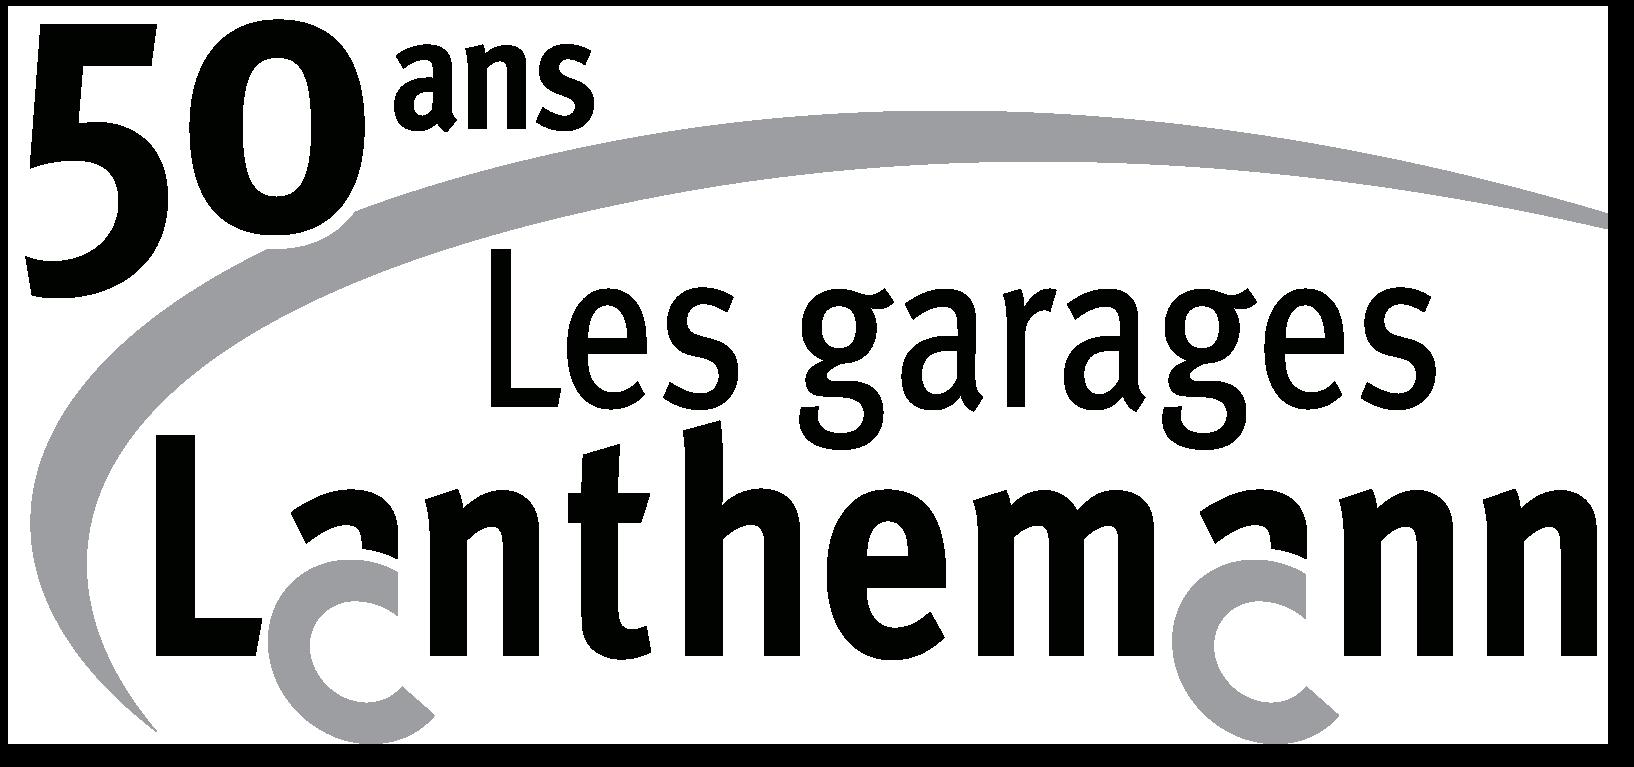 Les garages Lanthemann